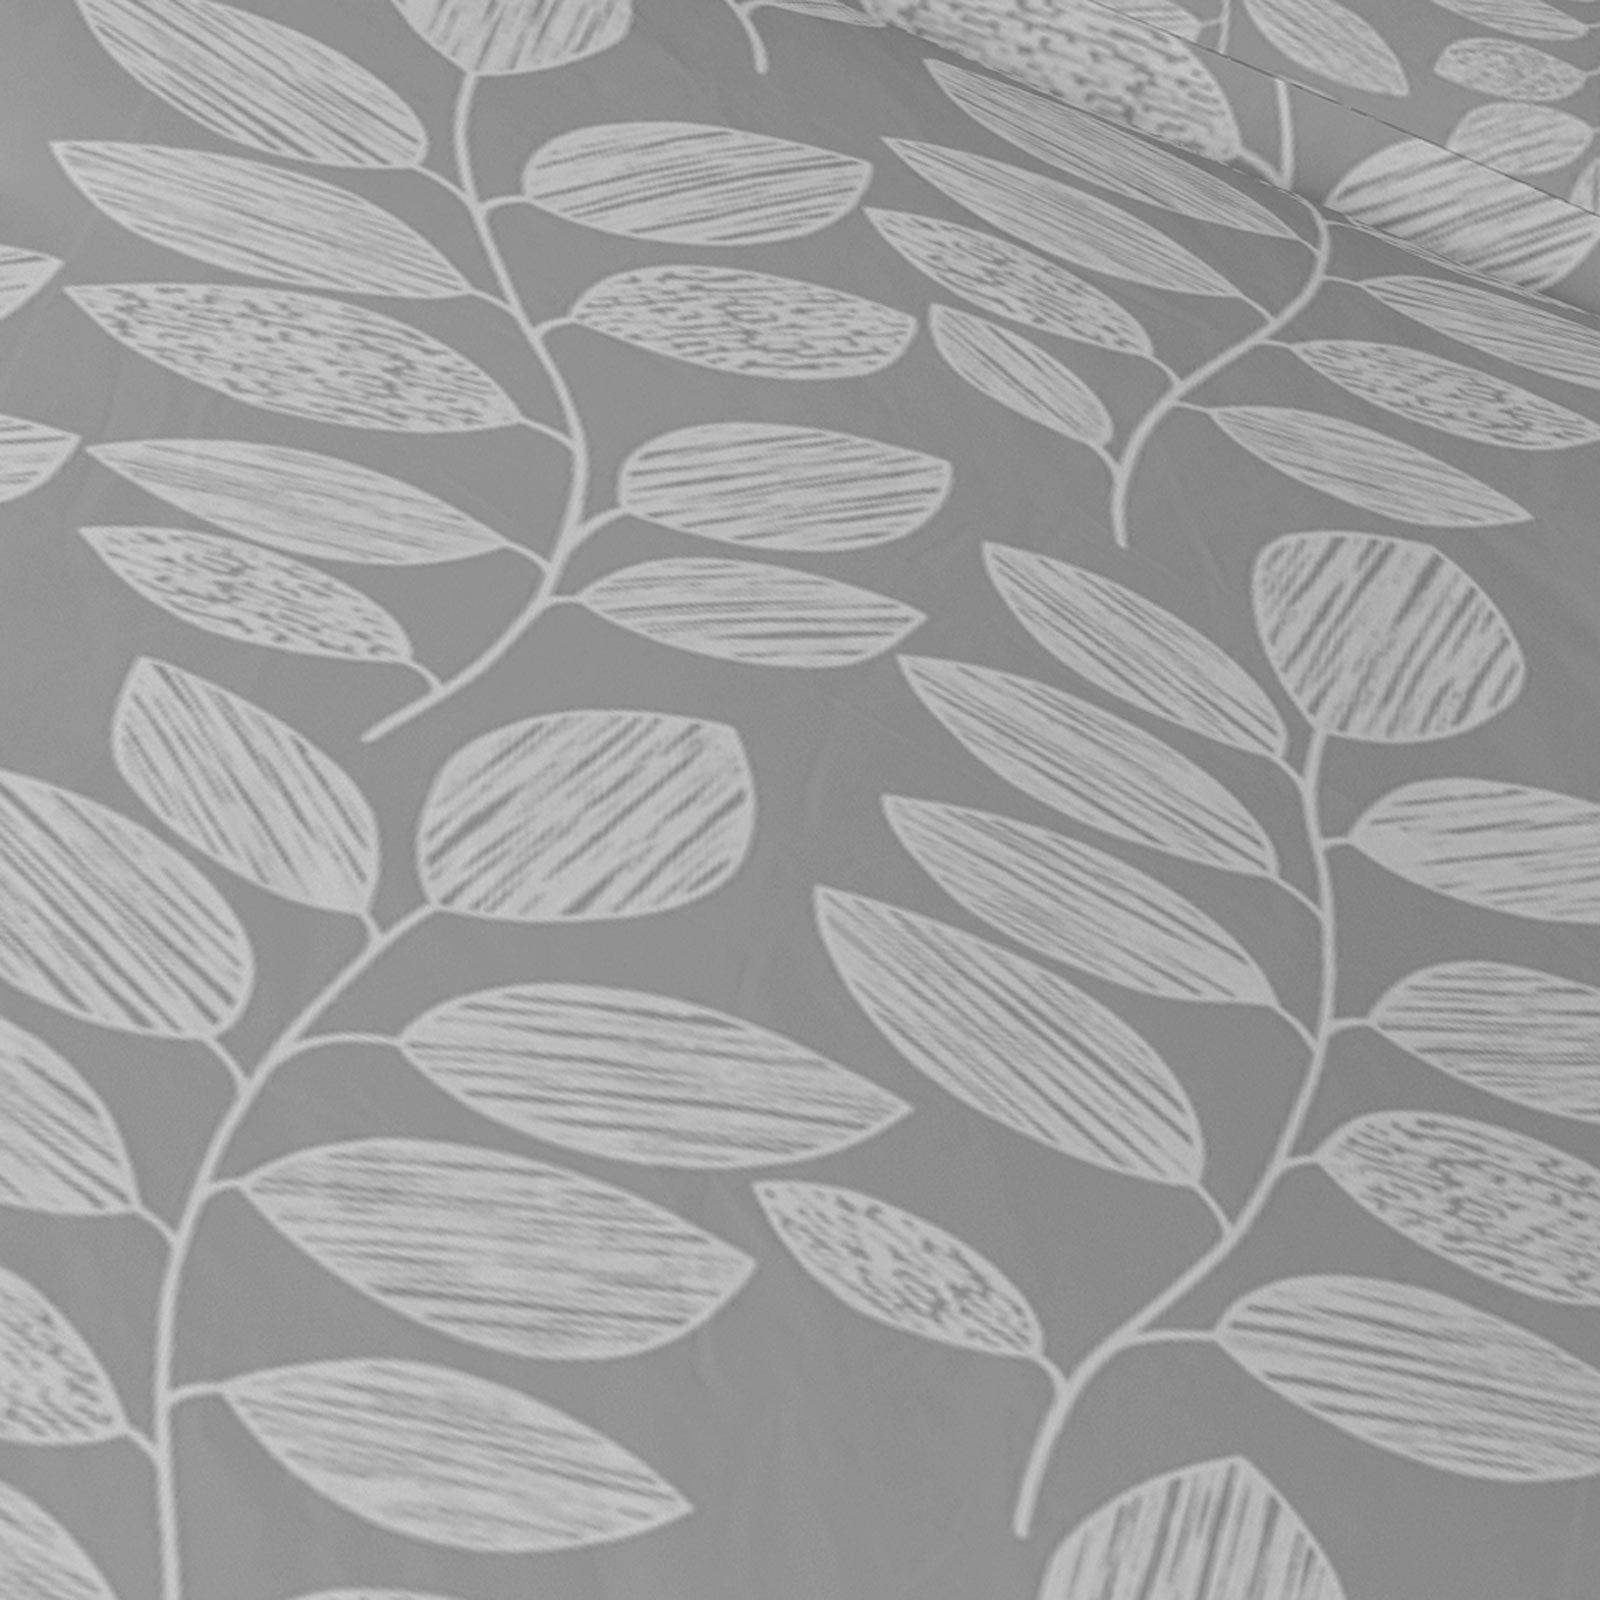 Grigio-Argento-Copripiumino-Stampato-Jacquard-Quilt-Set-Set-di-biancheria-da-letto-copre miniatura 14